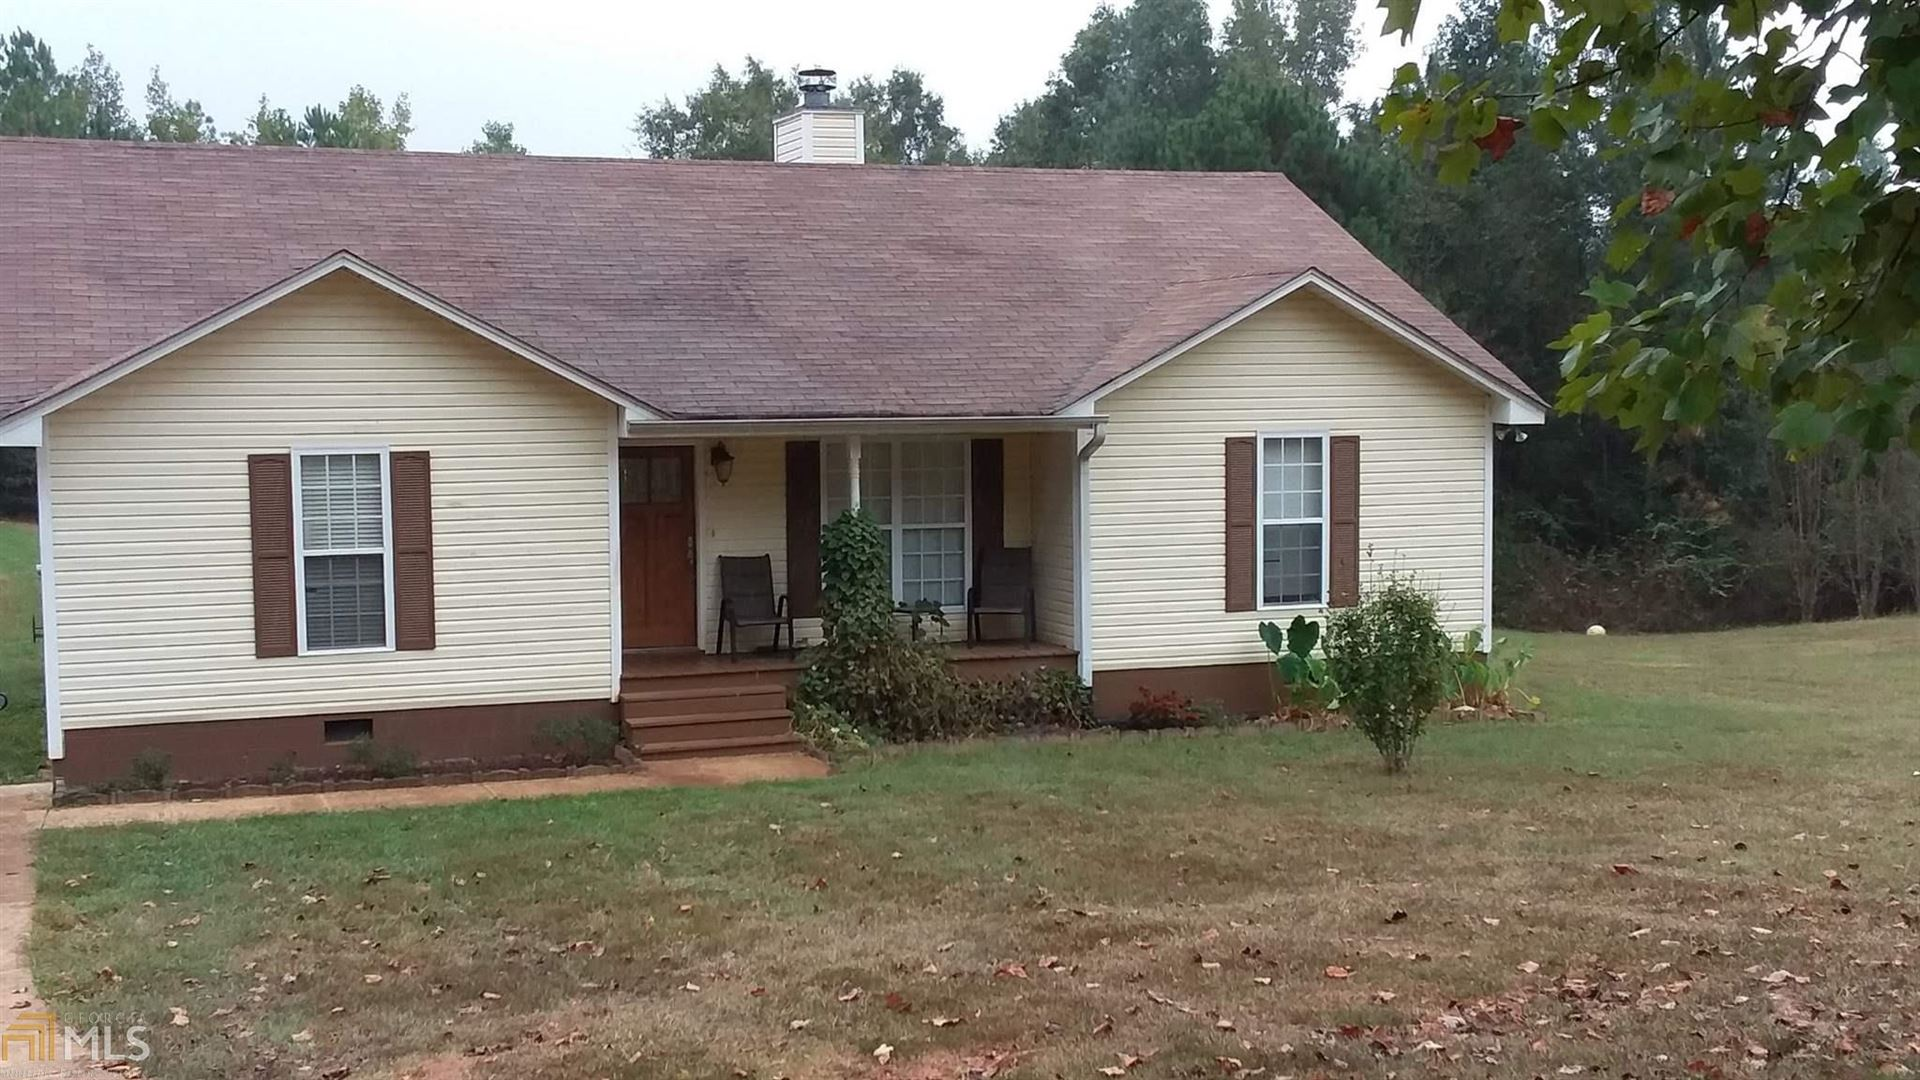 2079 W Highway 54, Hogansville, GA 30230 - #: 8676554